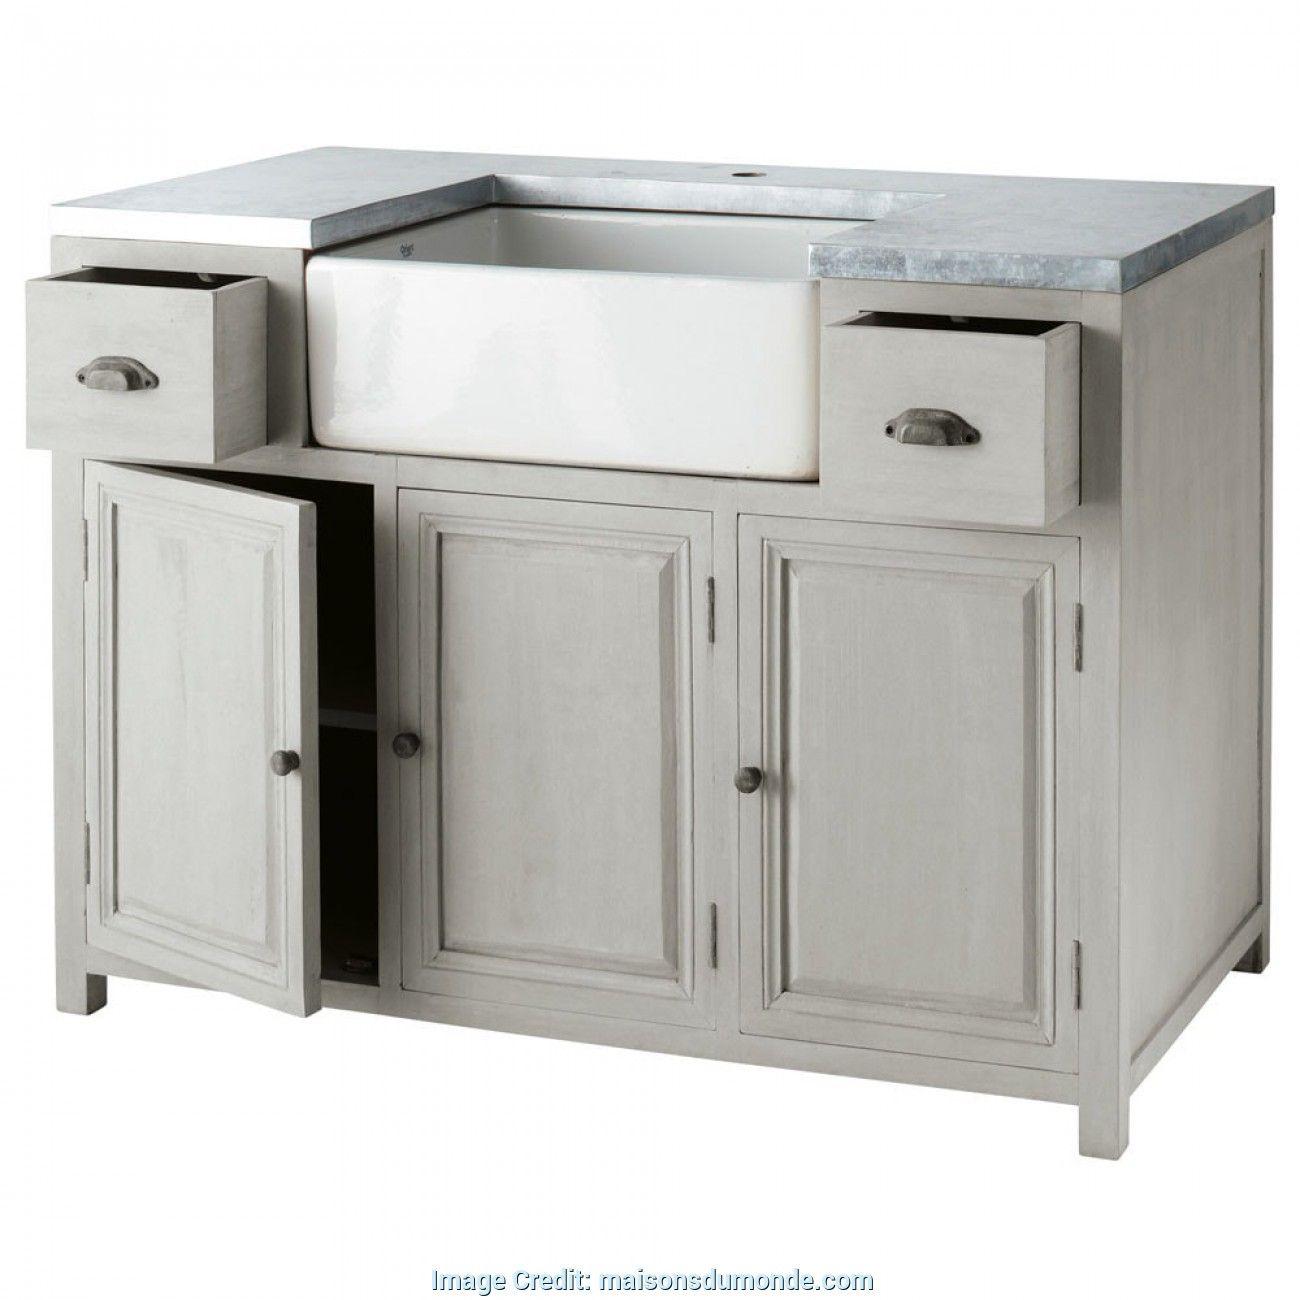 Mobile Per Lavabo Cucina lavello con mobile cucina con lavabo ikea cucina idee di